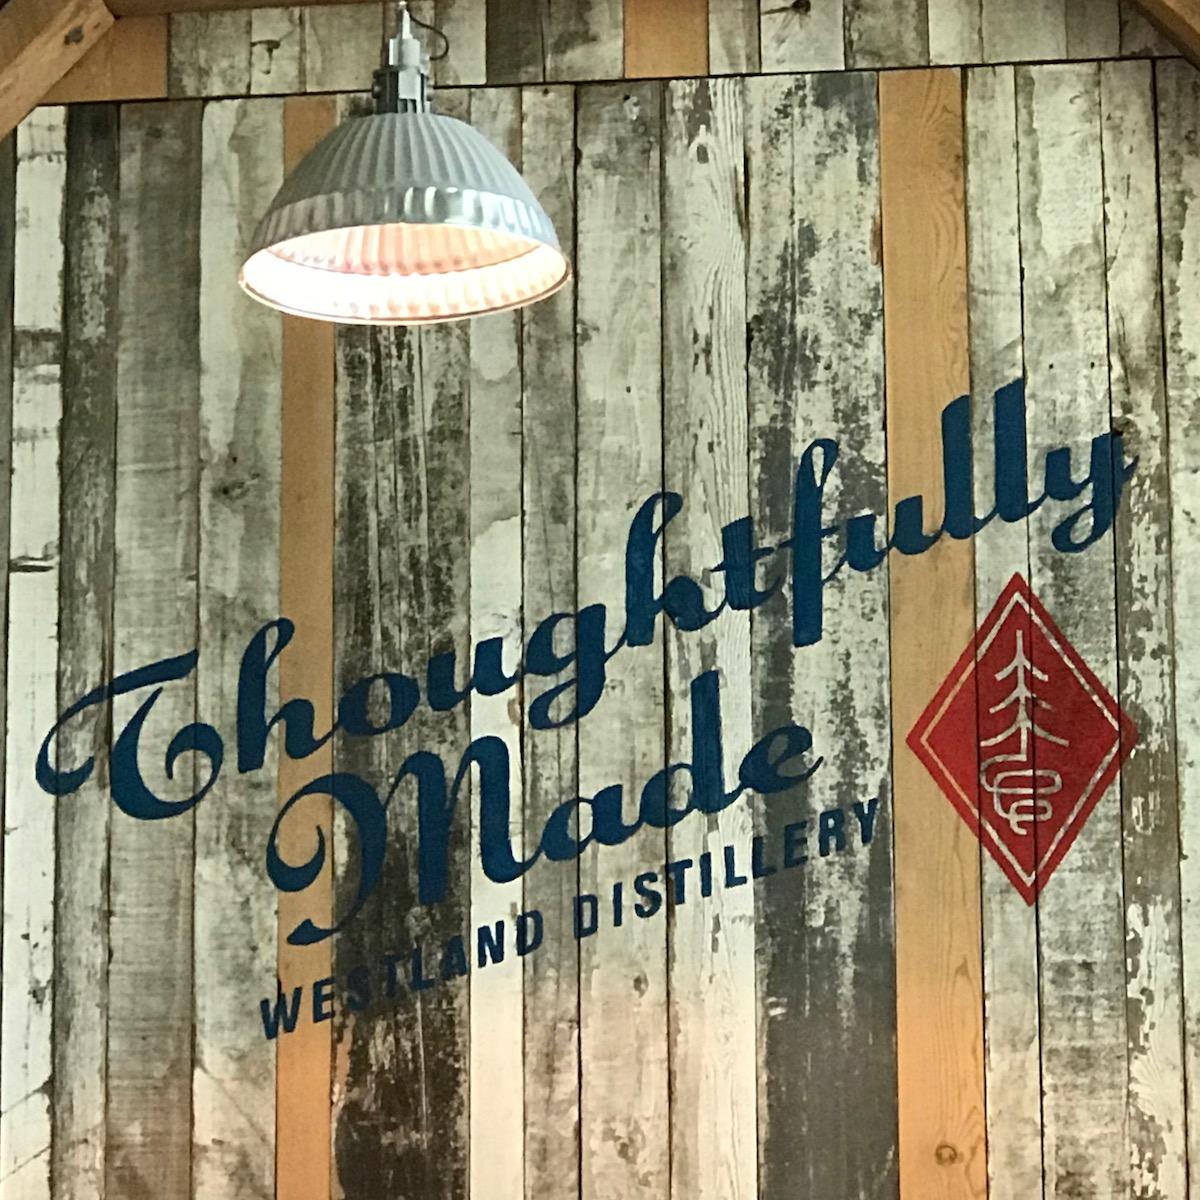 A distillery in Seattle, Washington.